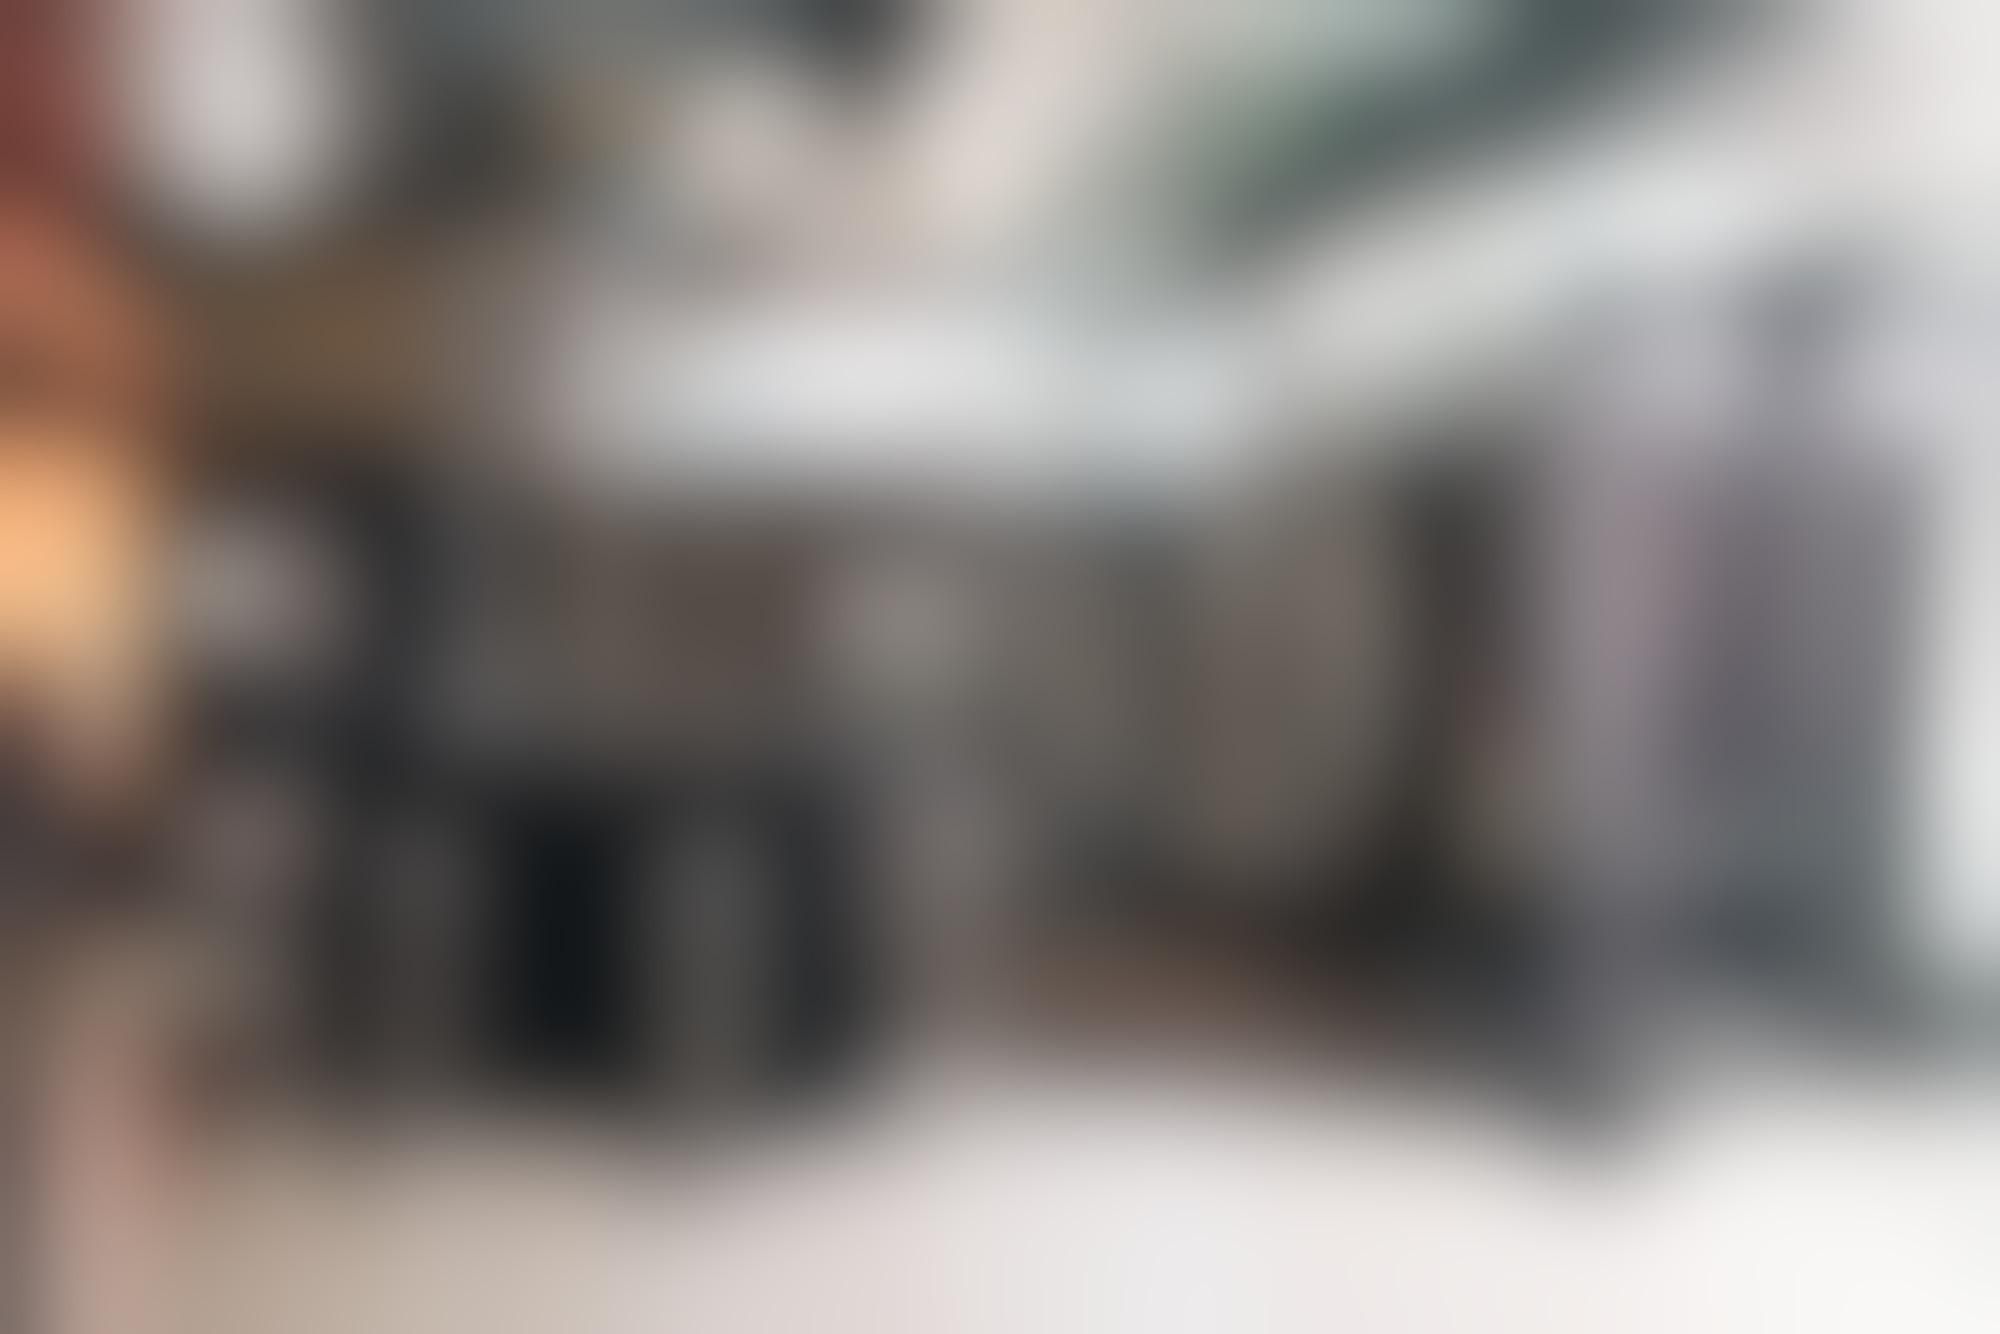 Lord Whitney Netflix Experience Arndale Luke Fullalove 6011 autocompressfitresizeixlibphp 1 1 0max h2000max w3 D2000q80s252b8da412d03fa4b468f79dc544294f